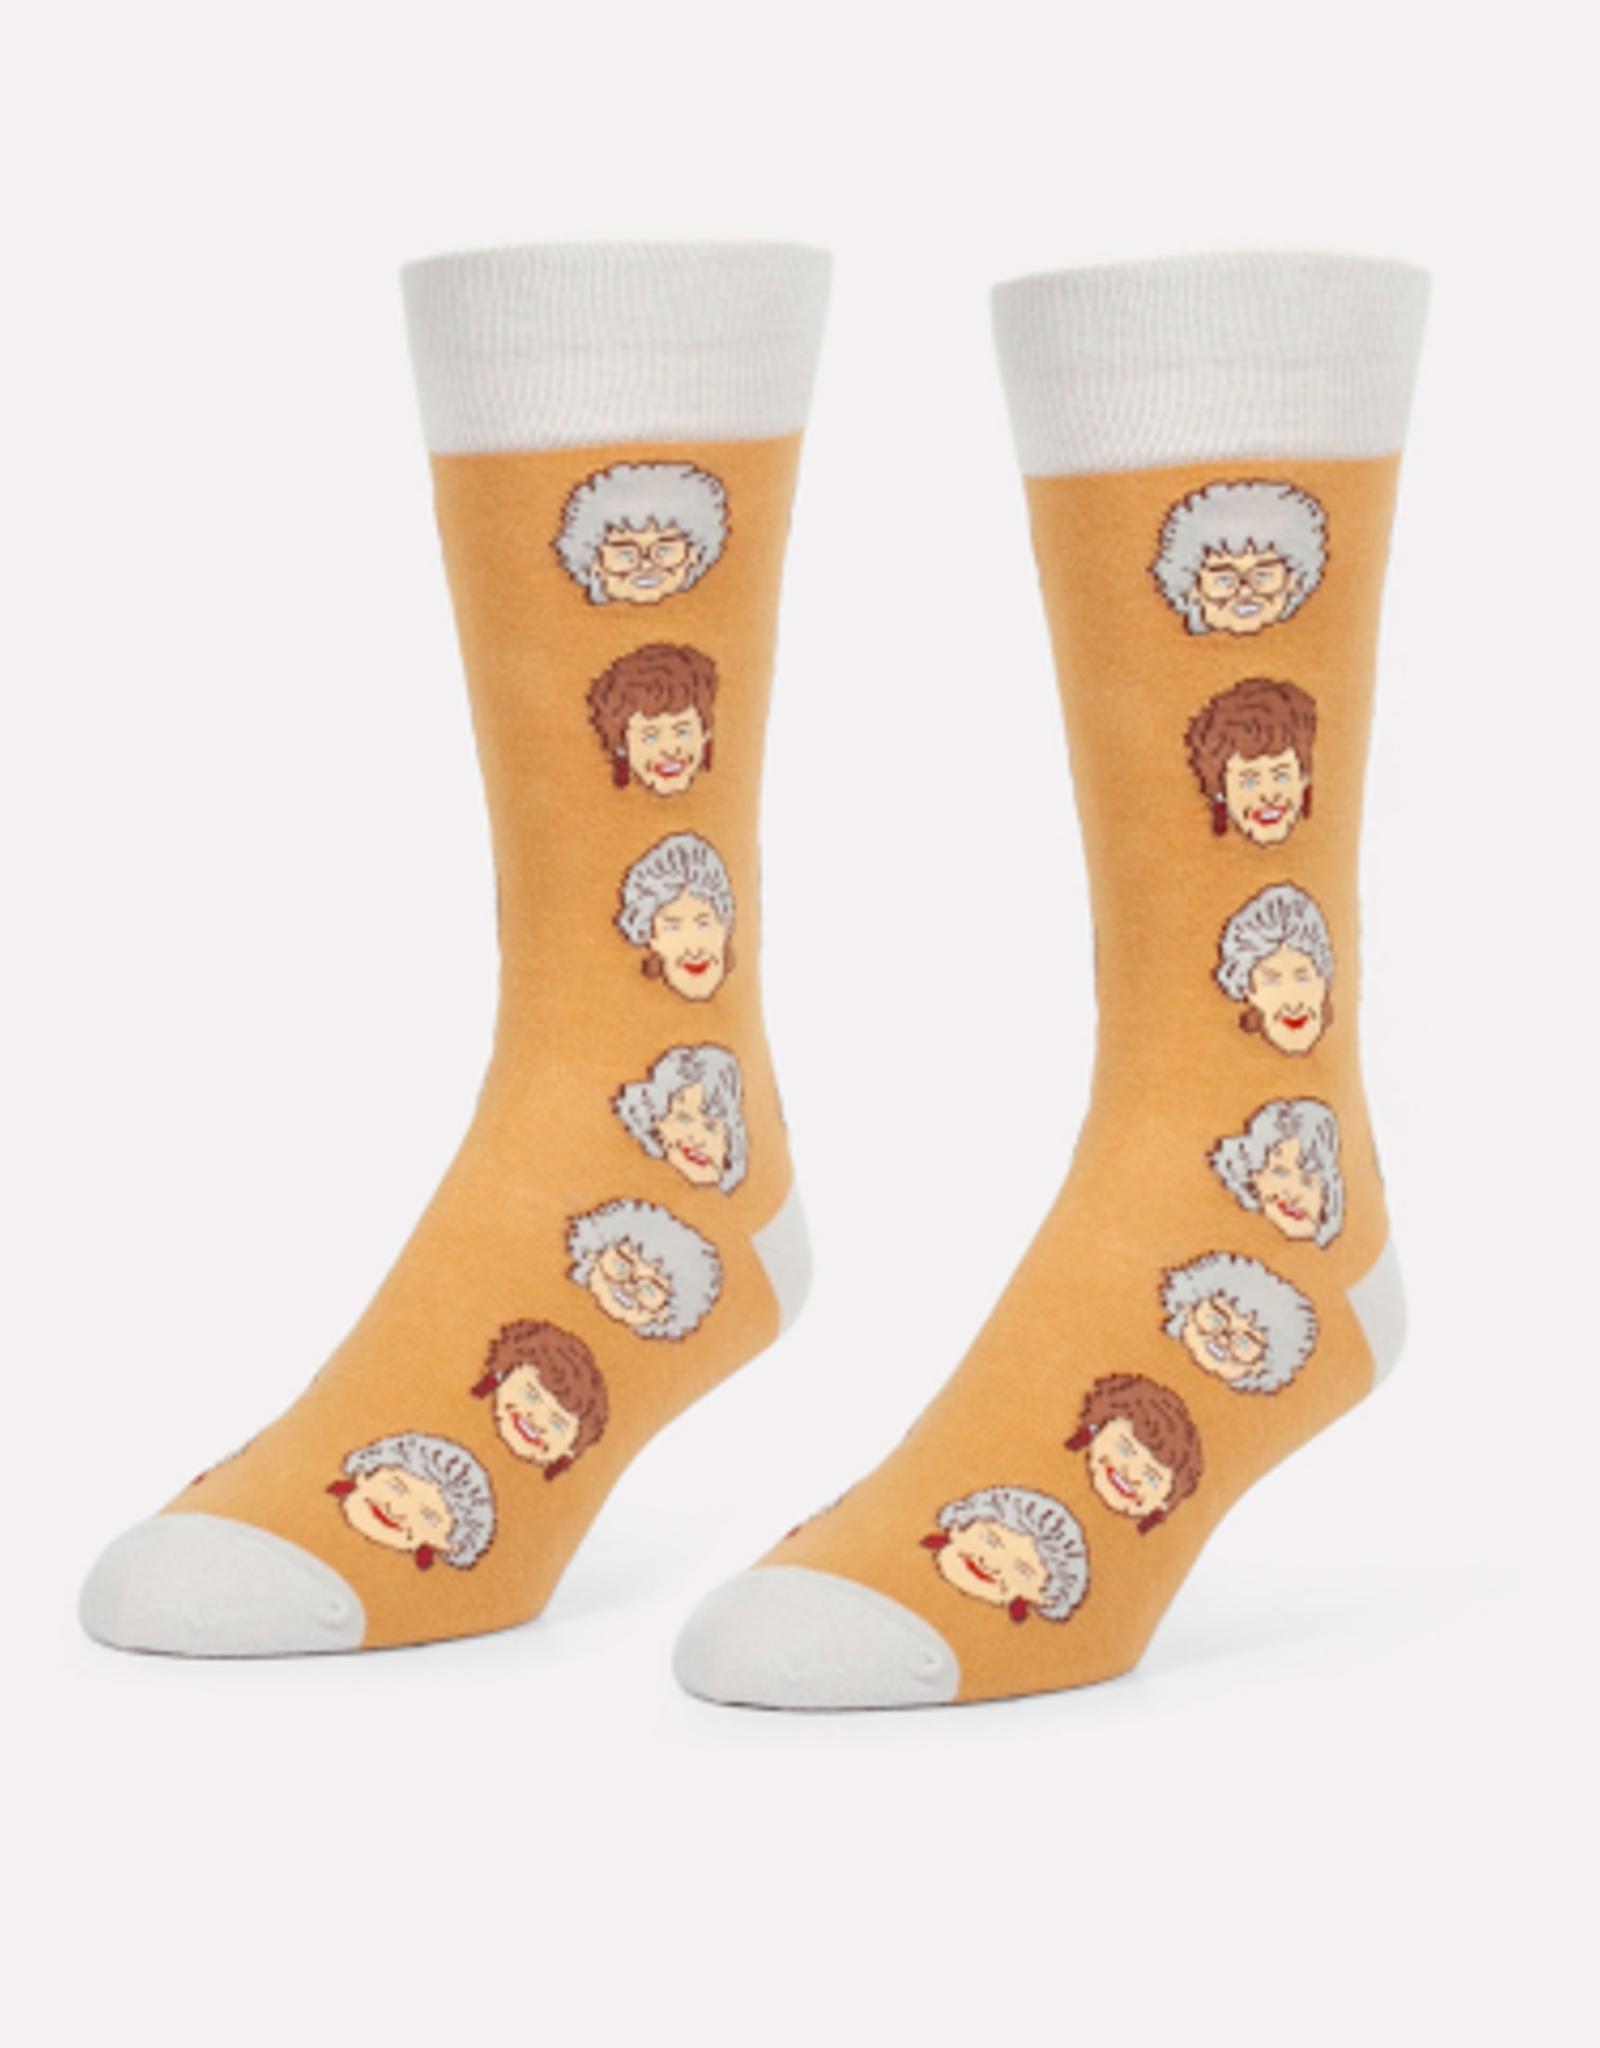 Socks (Mens) - Golden Girls